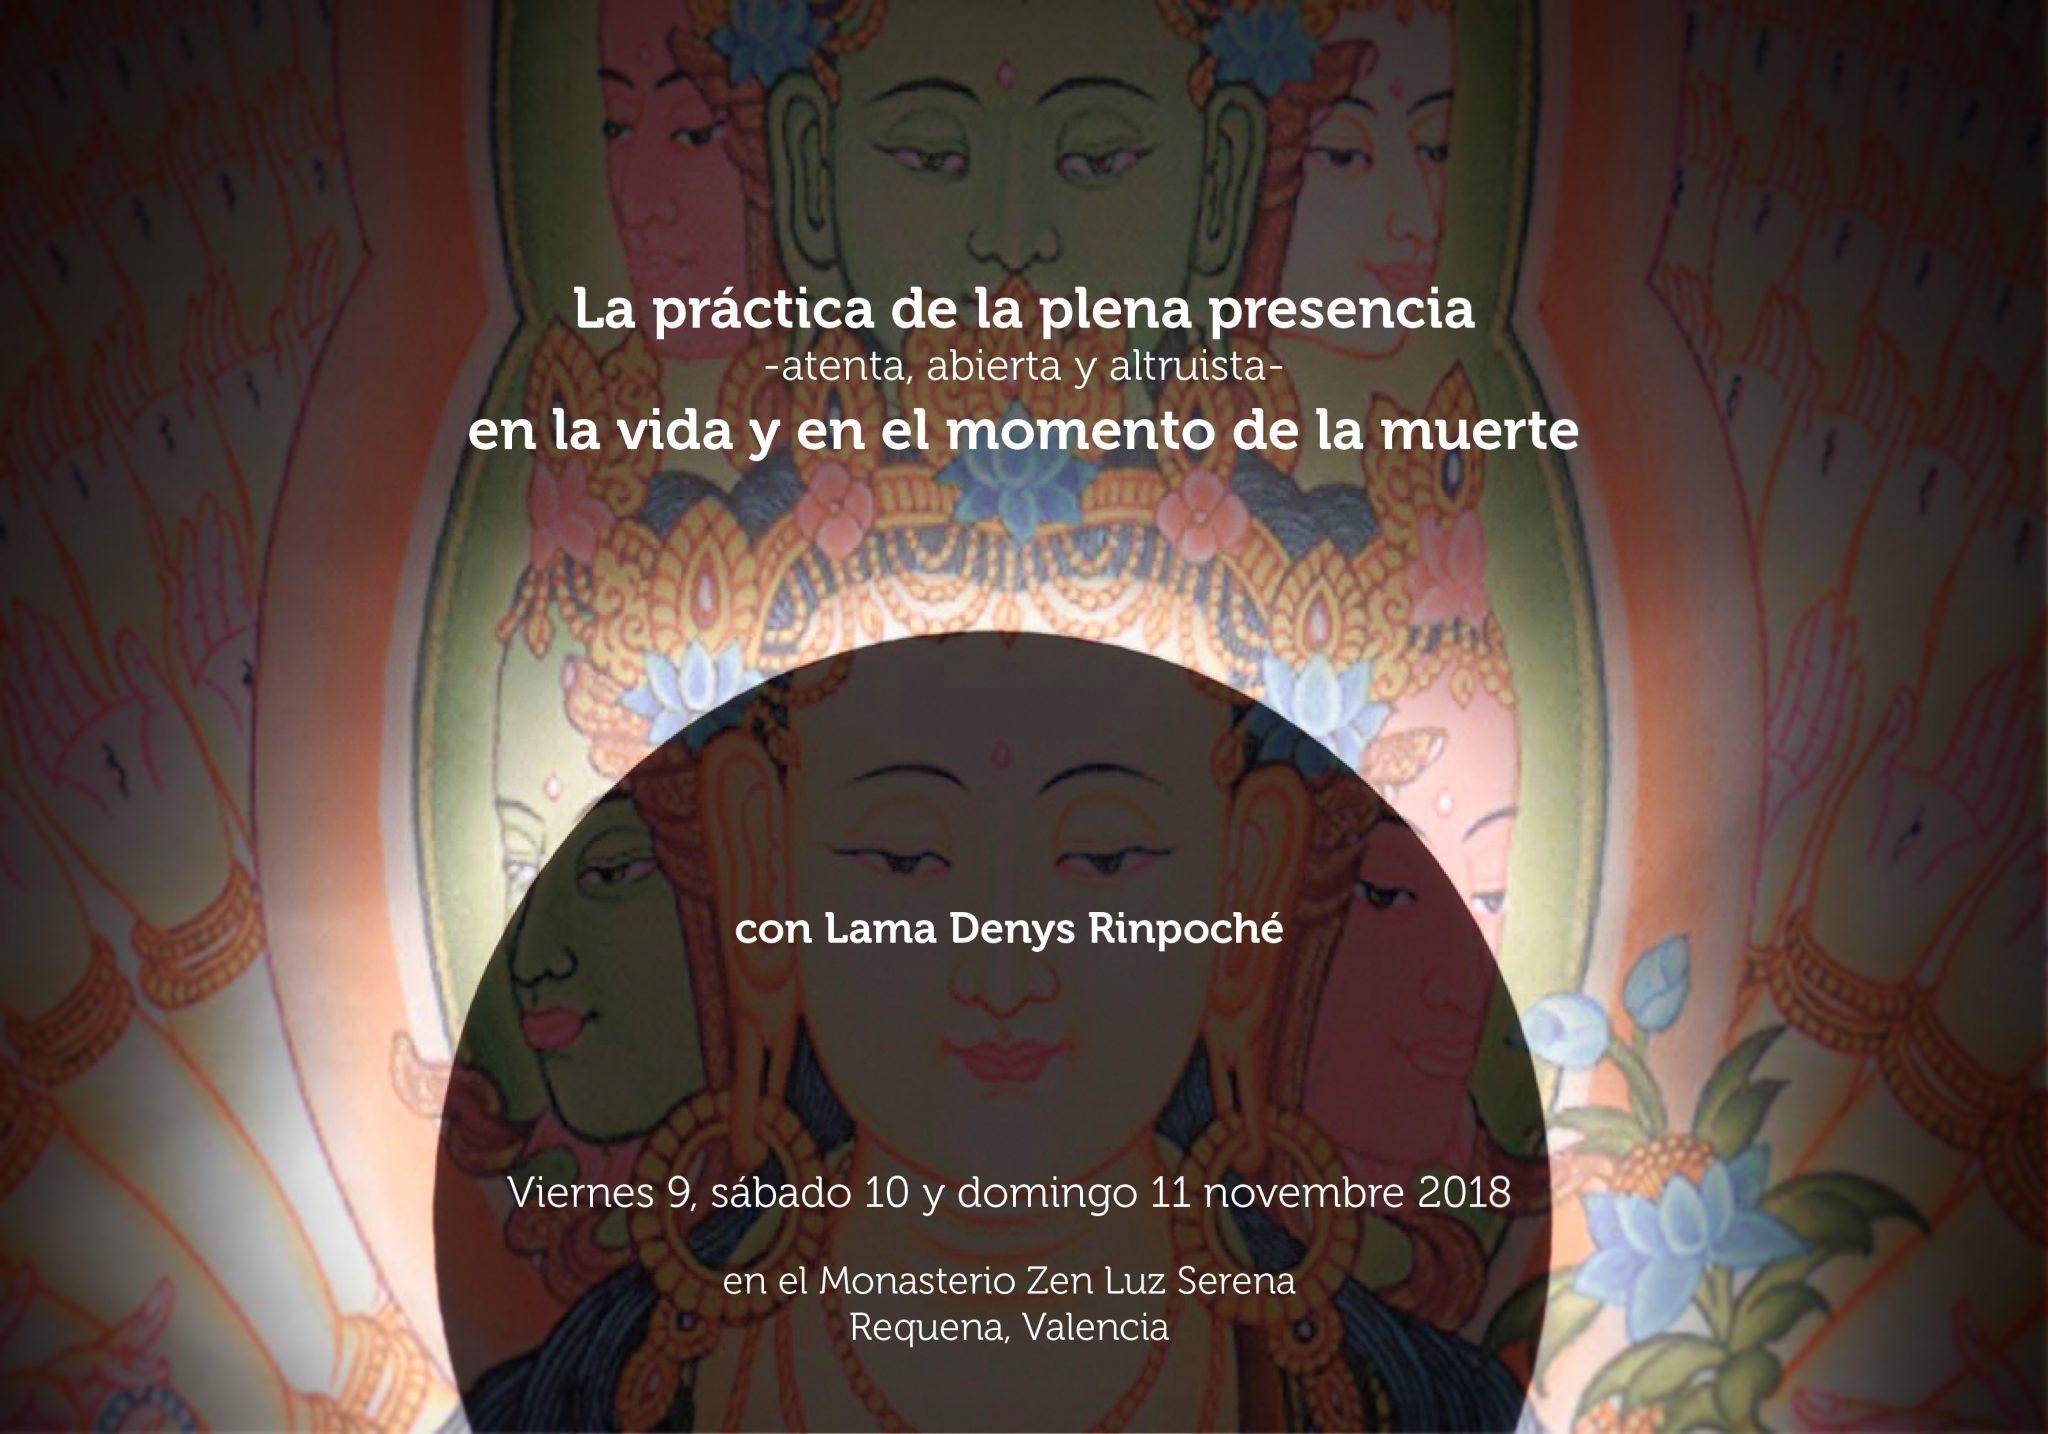 La práctica de la plena presencia en la vida y en el momento de la muerte.